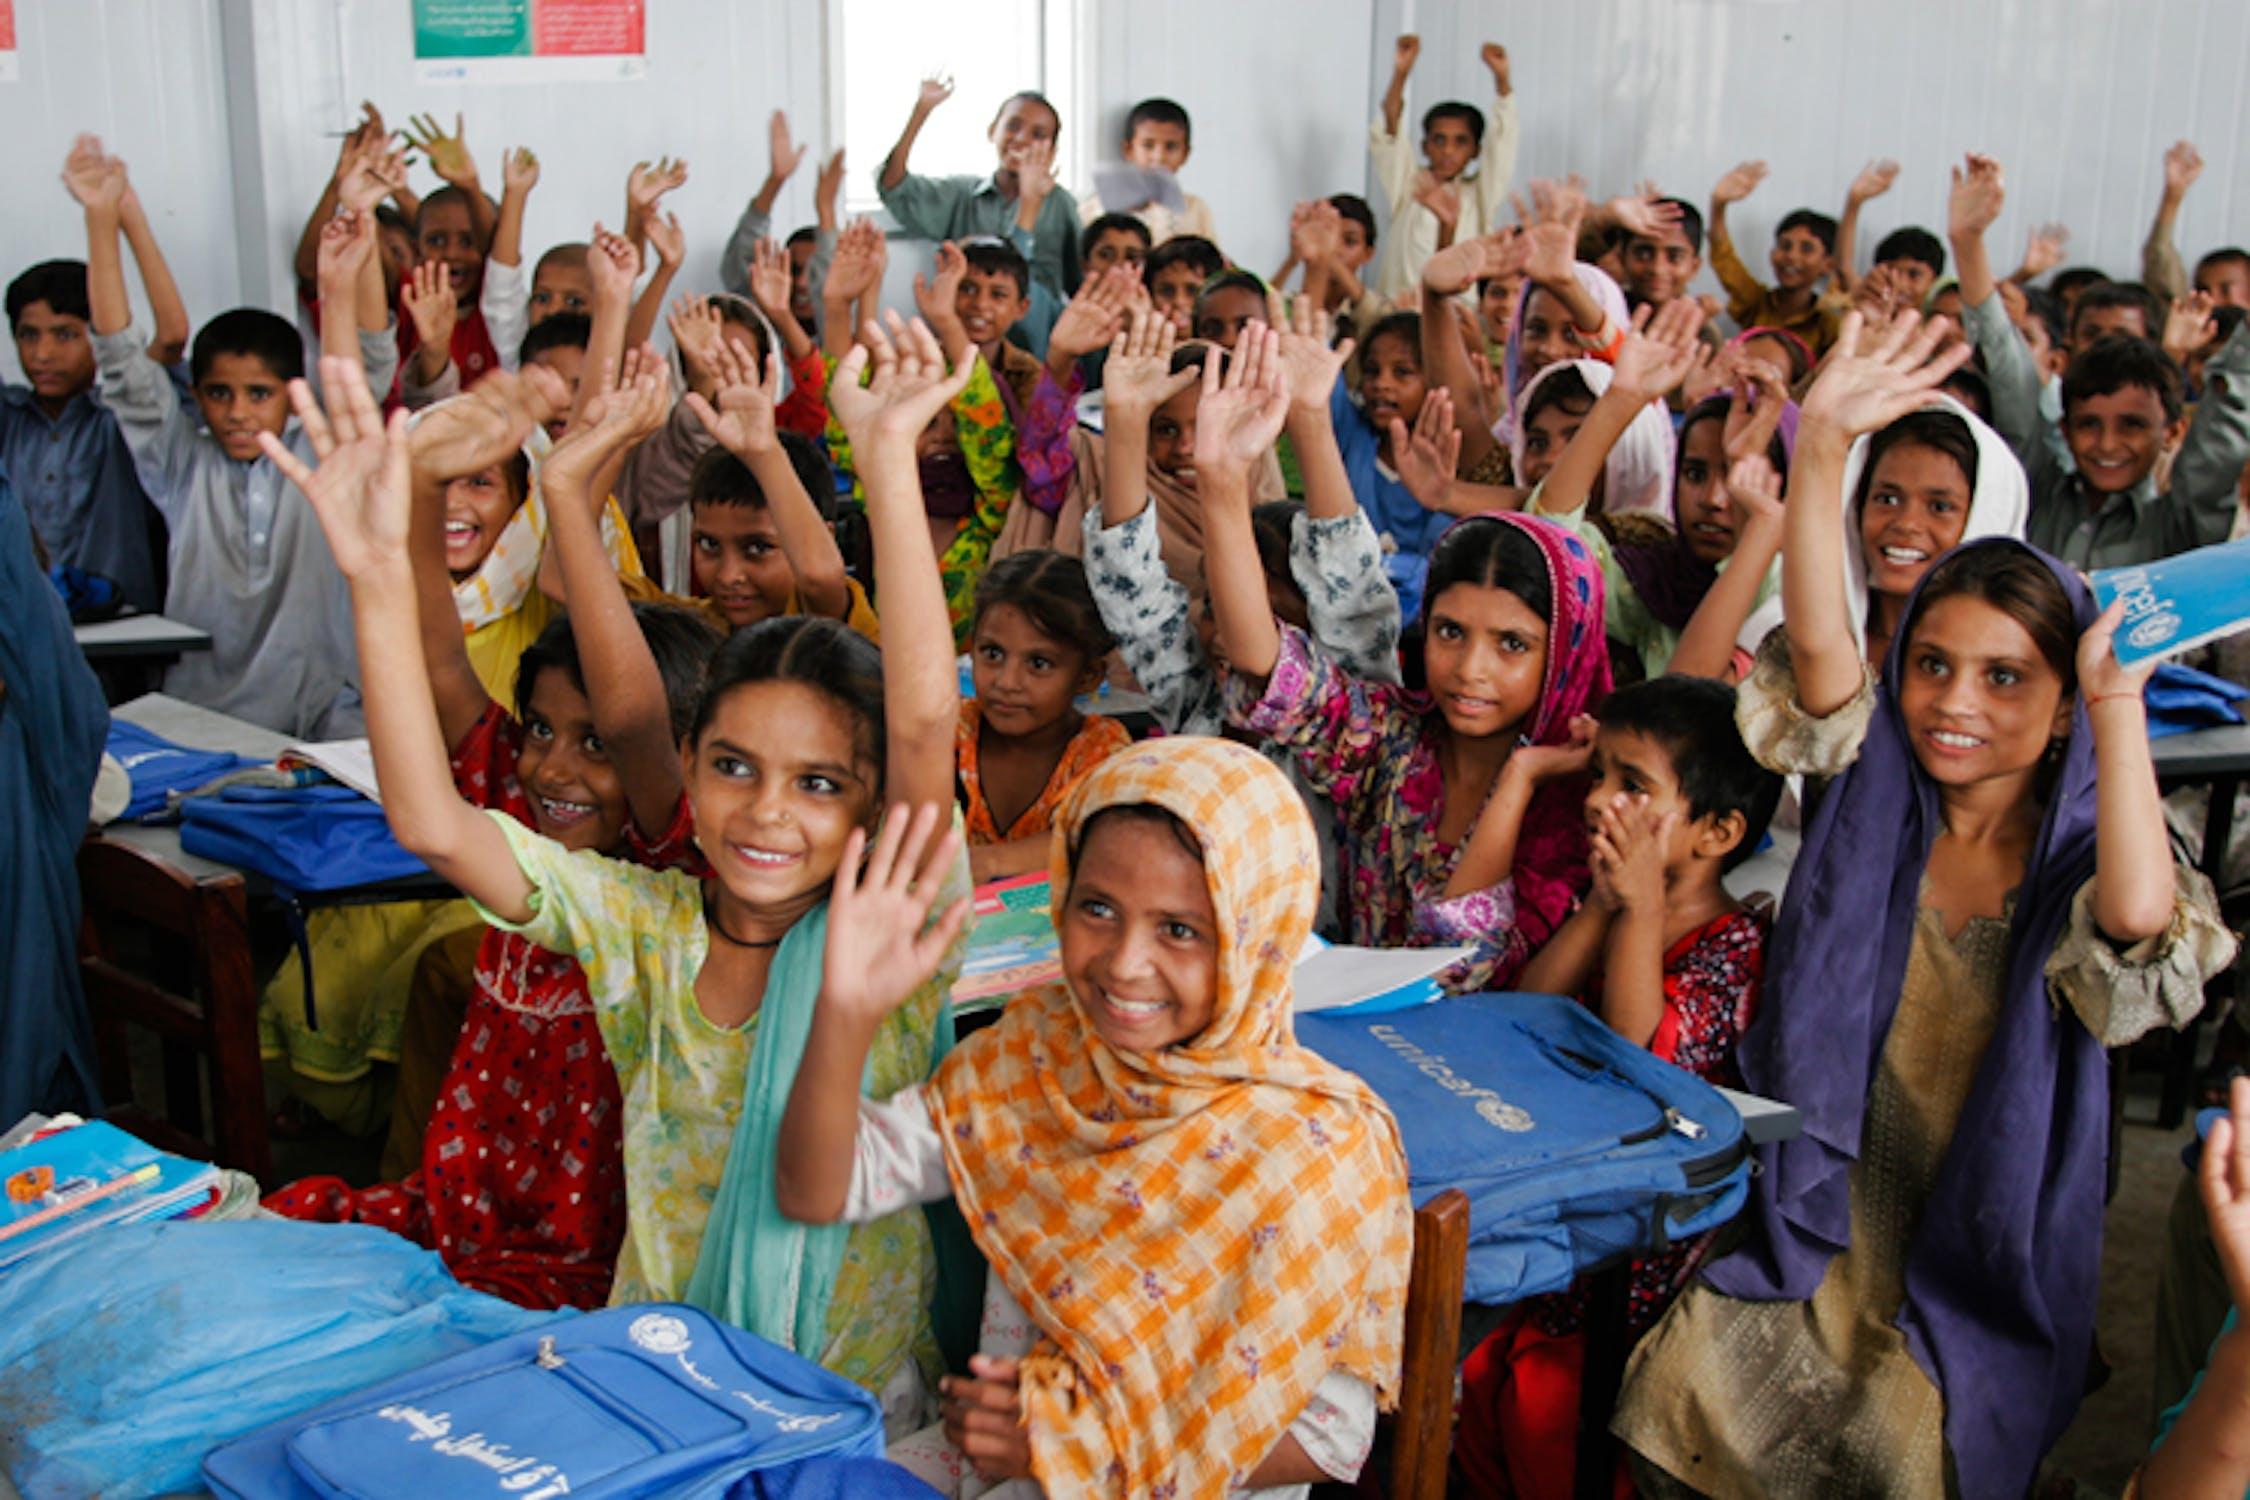 Una delle centinaia di scuole temporanee costruite dall'UNICEF in Pakistan a seguito dell'emergenza: siamo a Mullan Wala, nella provincia del Punjab - ©UNICEF Pakistan/2011/Kristen Elsby/MG4222